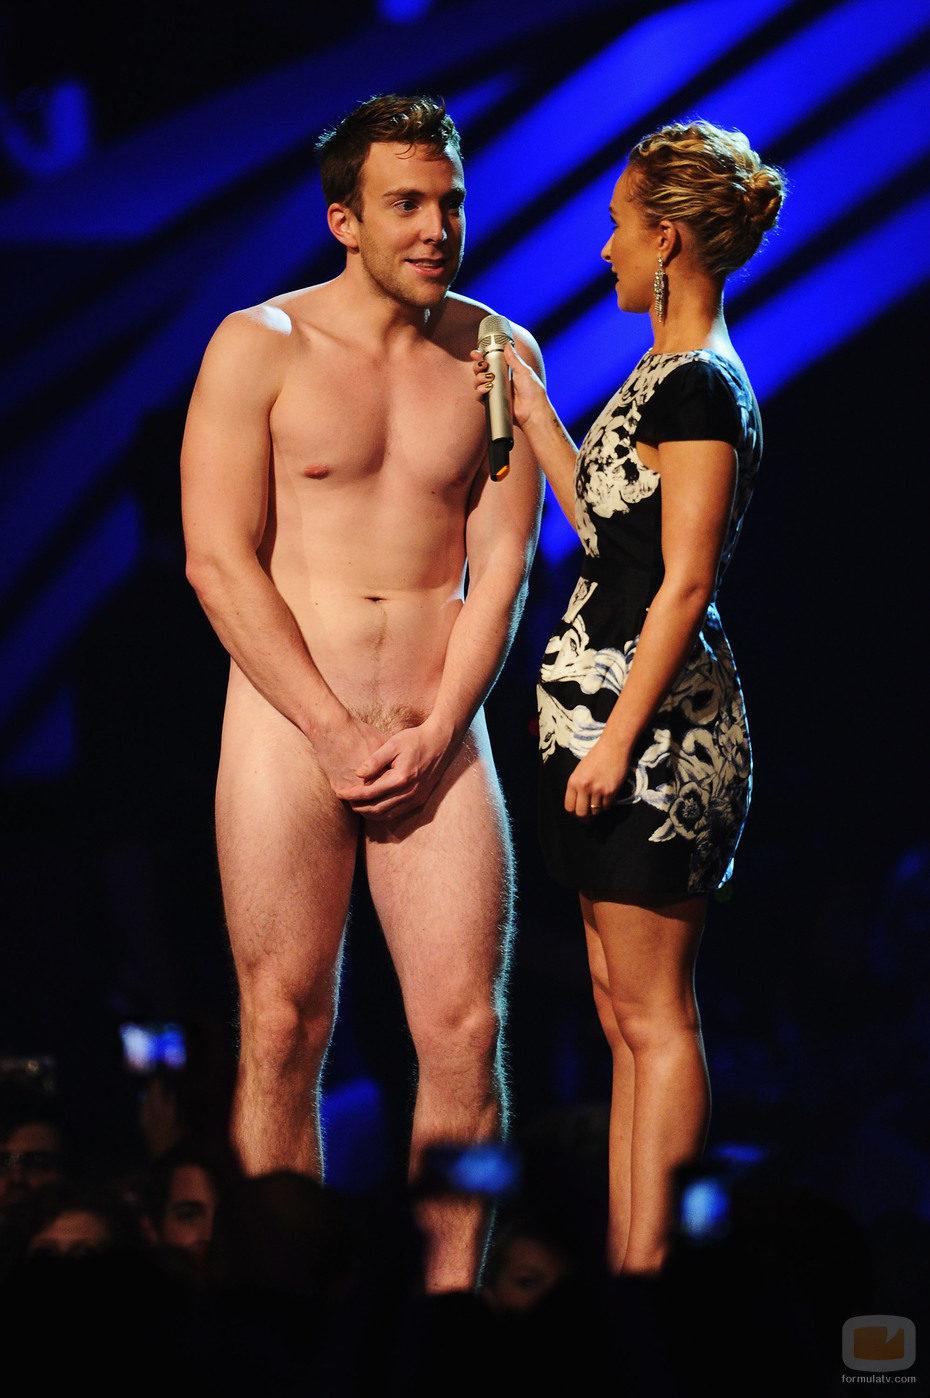 foto gratis hombre desnudo: